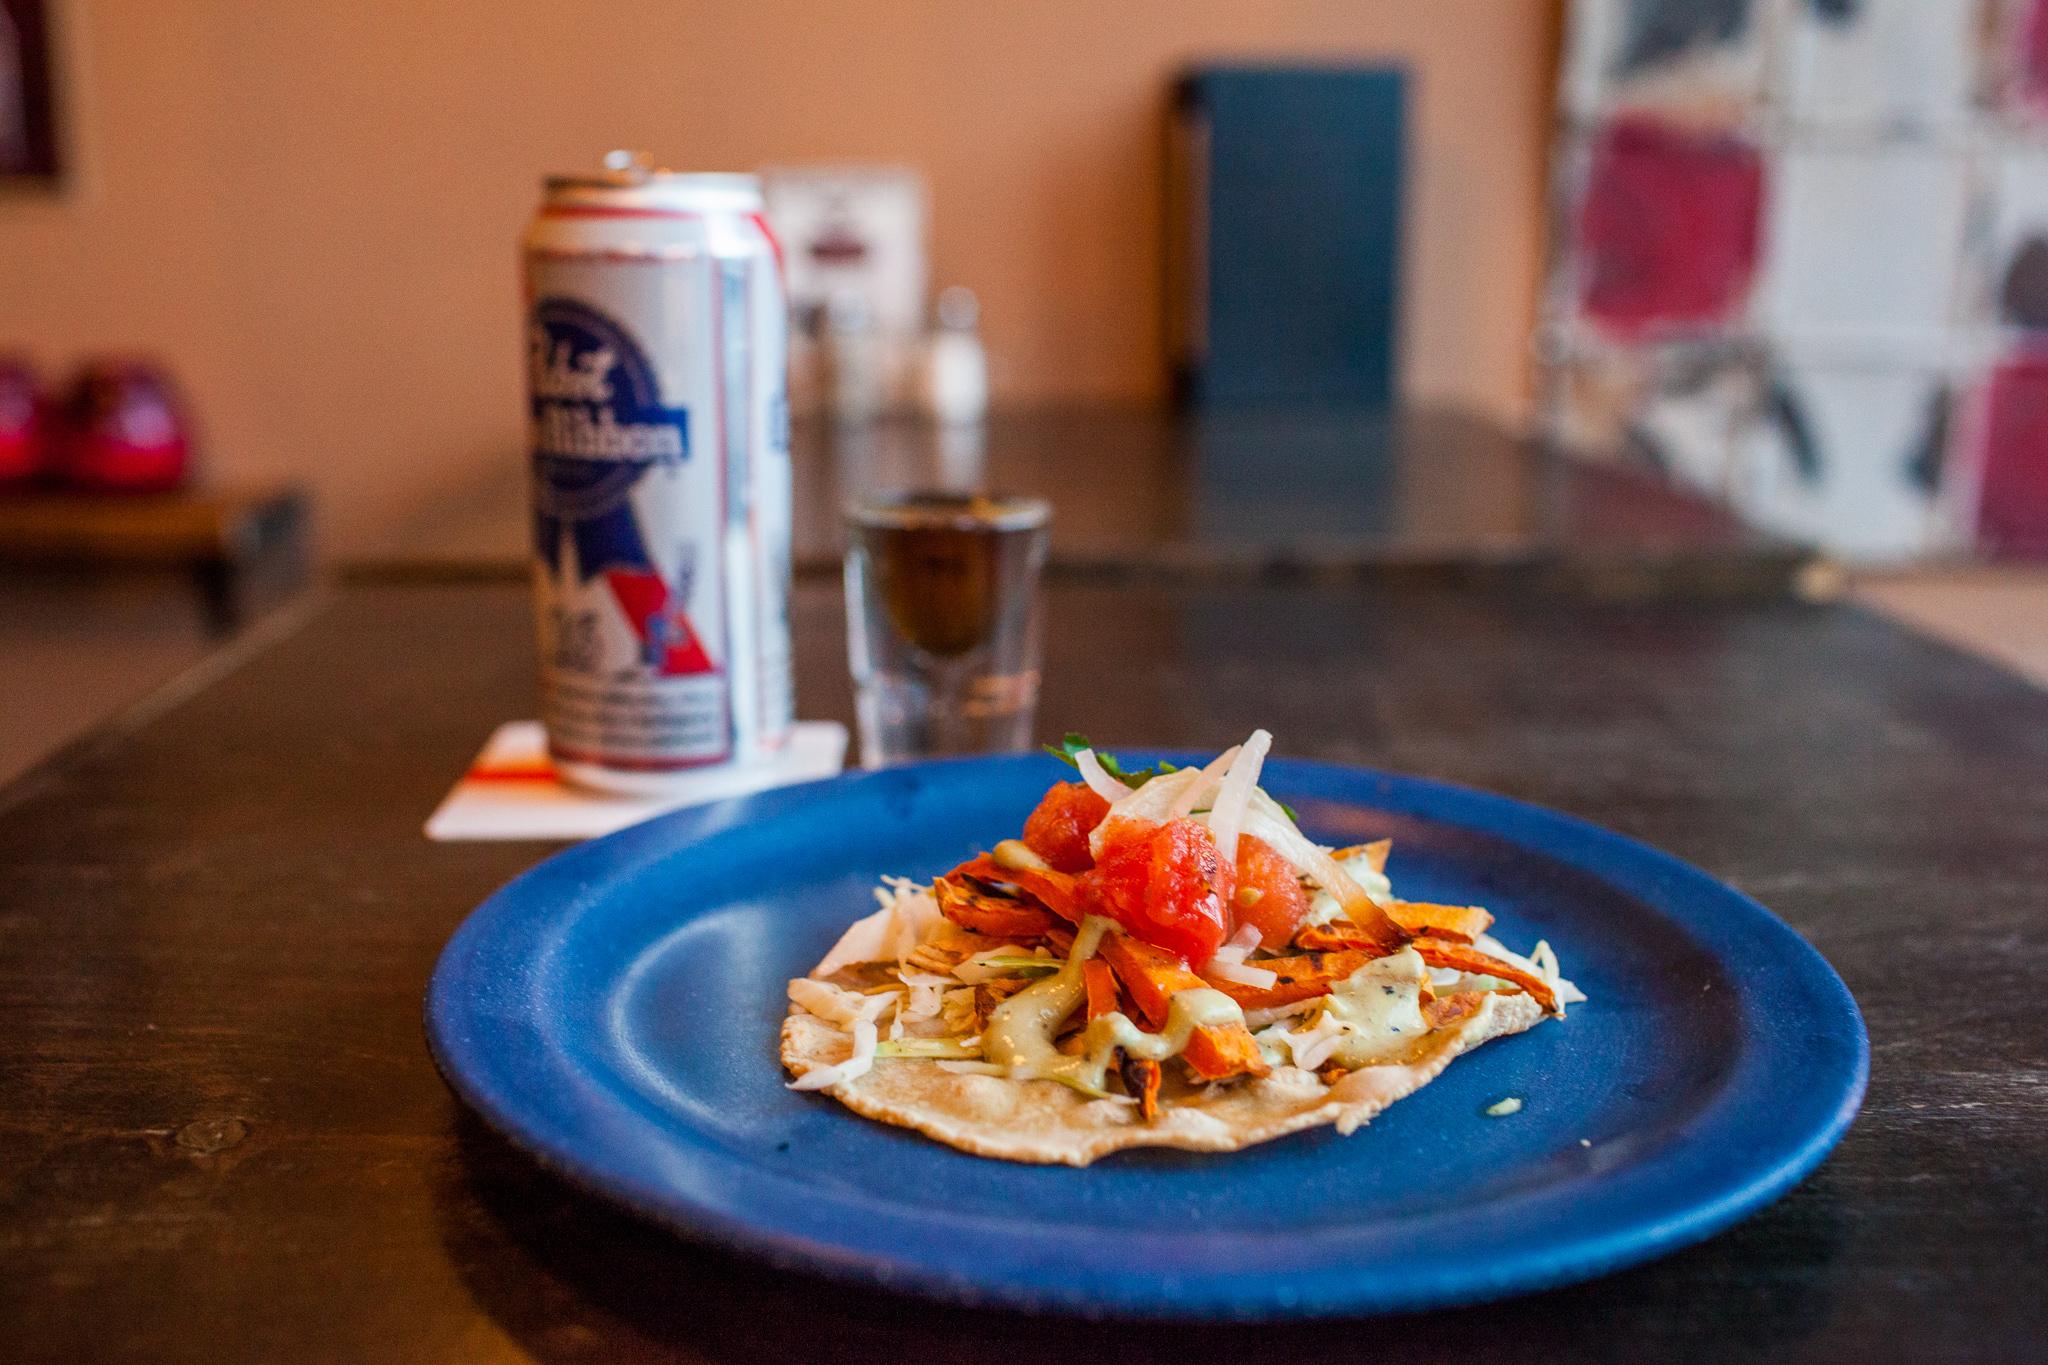 Tacos at Bullhead Cantino